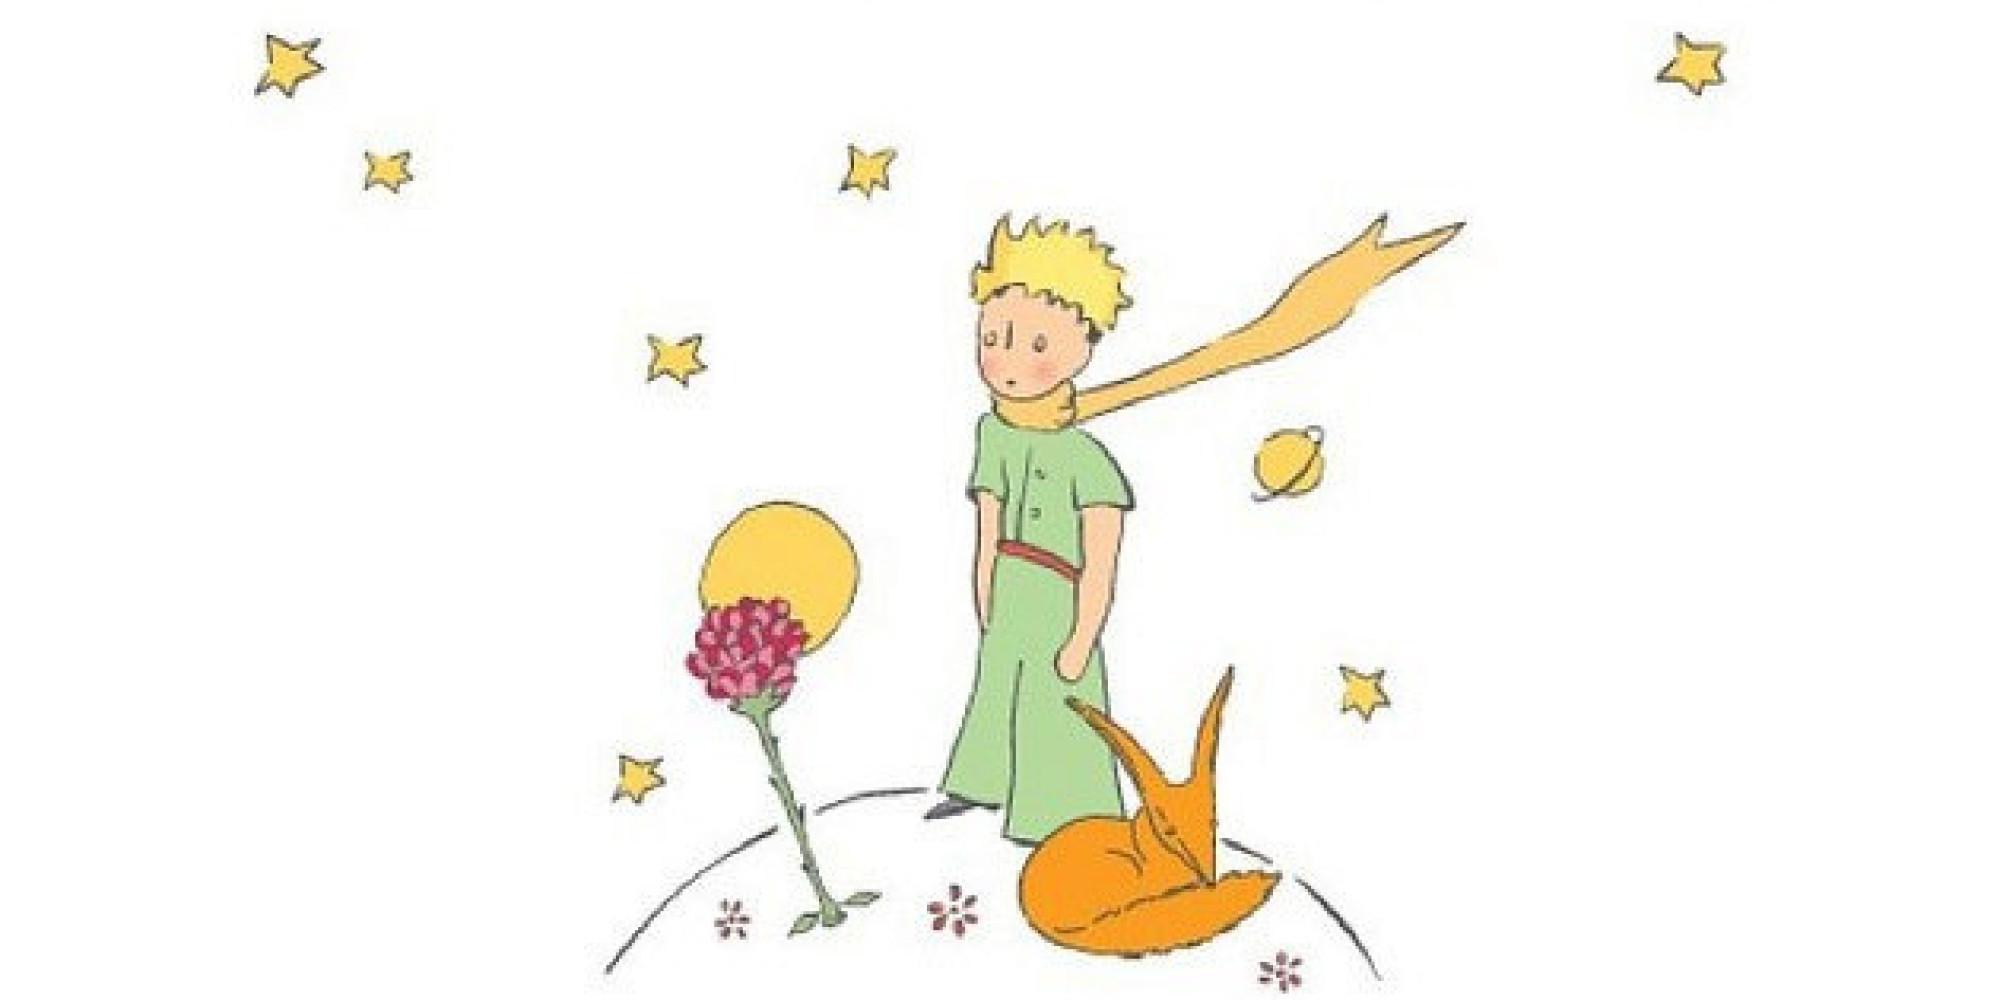 Valore delle illustrazioni del piccolo principe